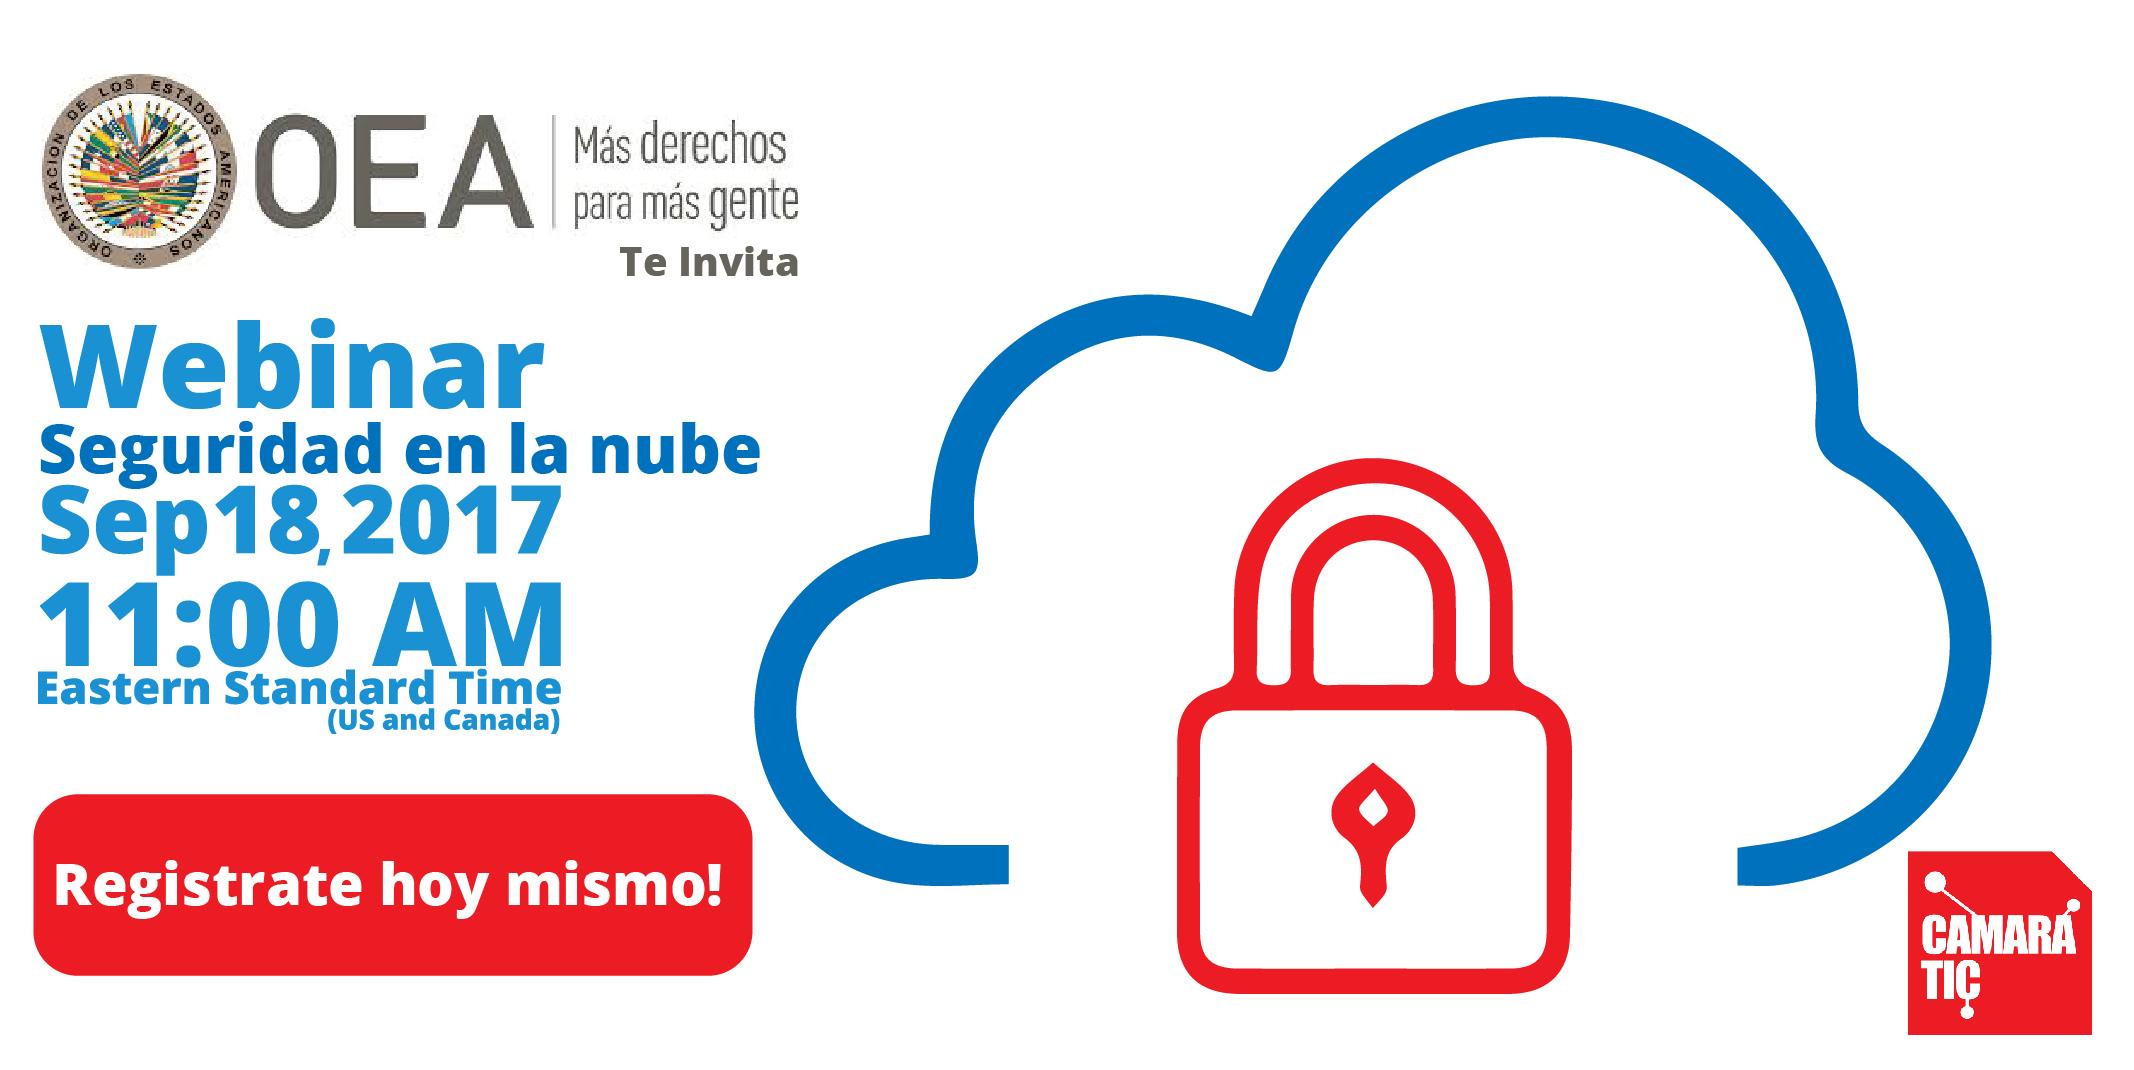 webinar seguridad en la nube